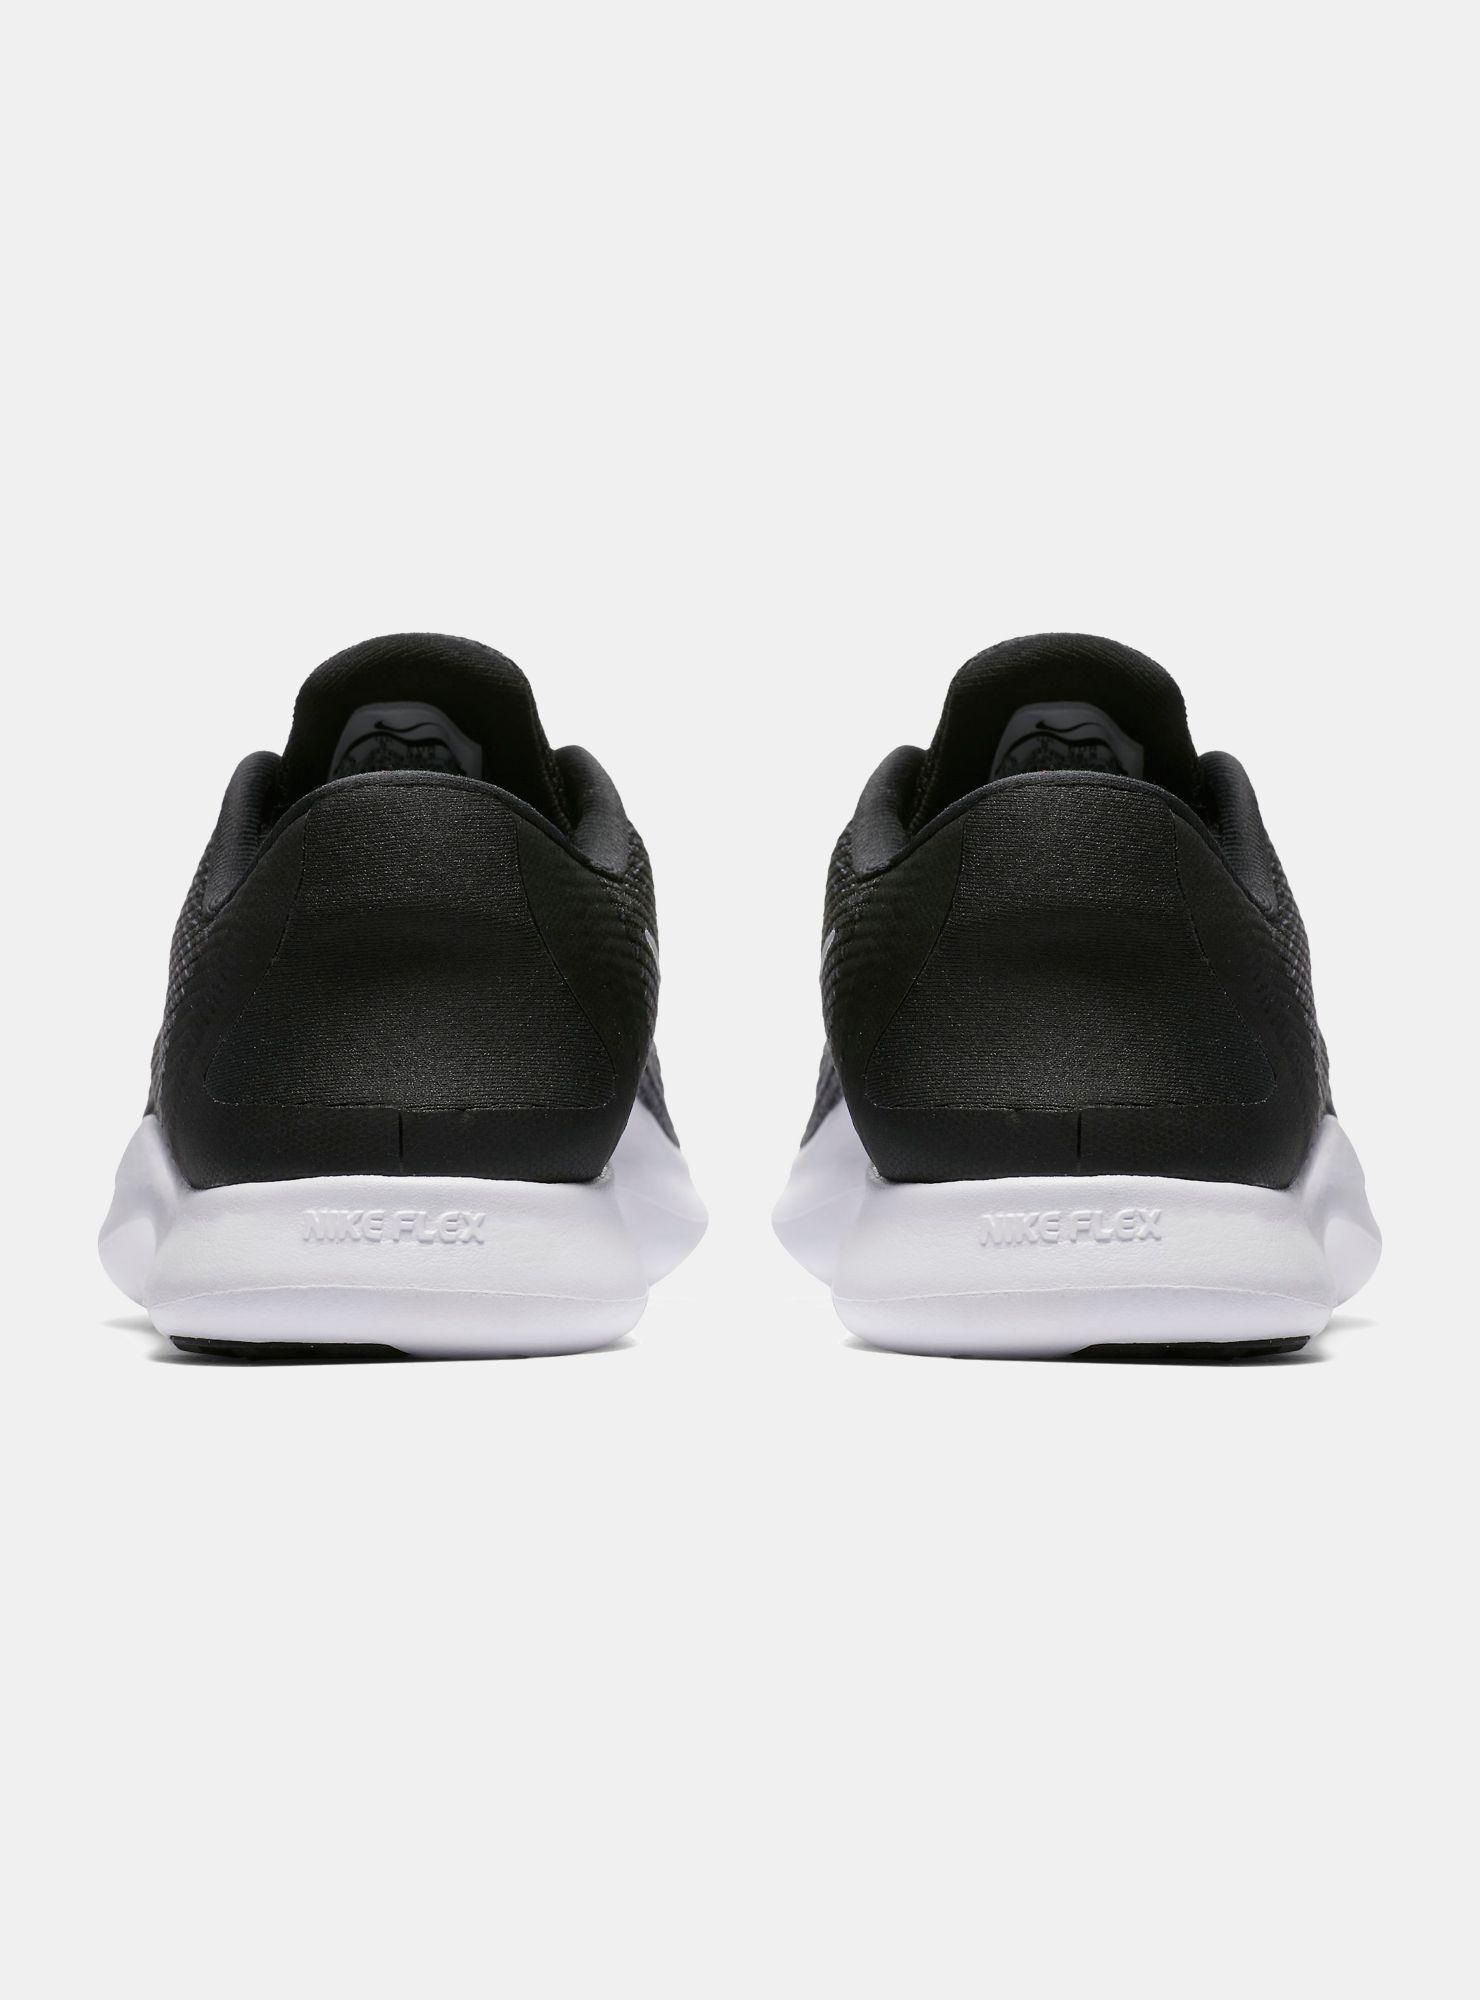 Paris Flex 2018 Nike Mujer Zapatillas Running Zapatilla qY17w e385a85f249